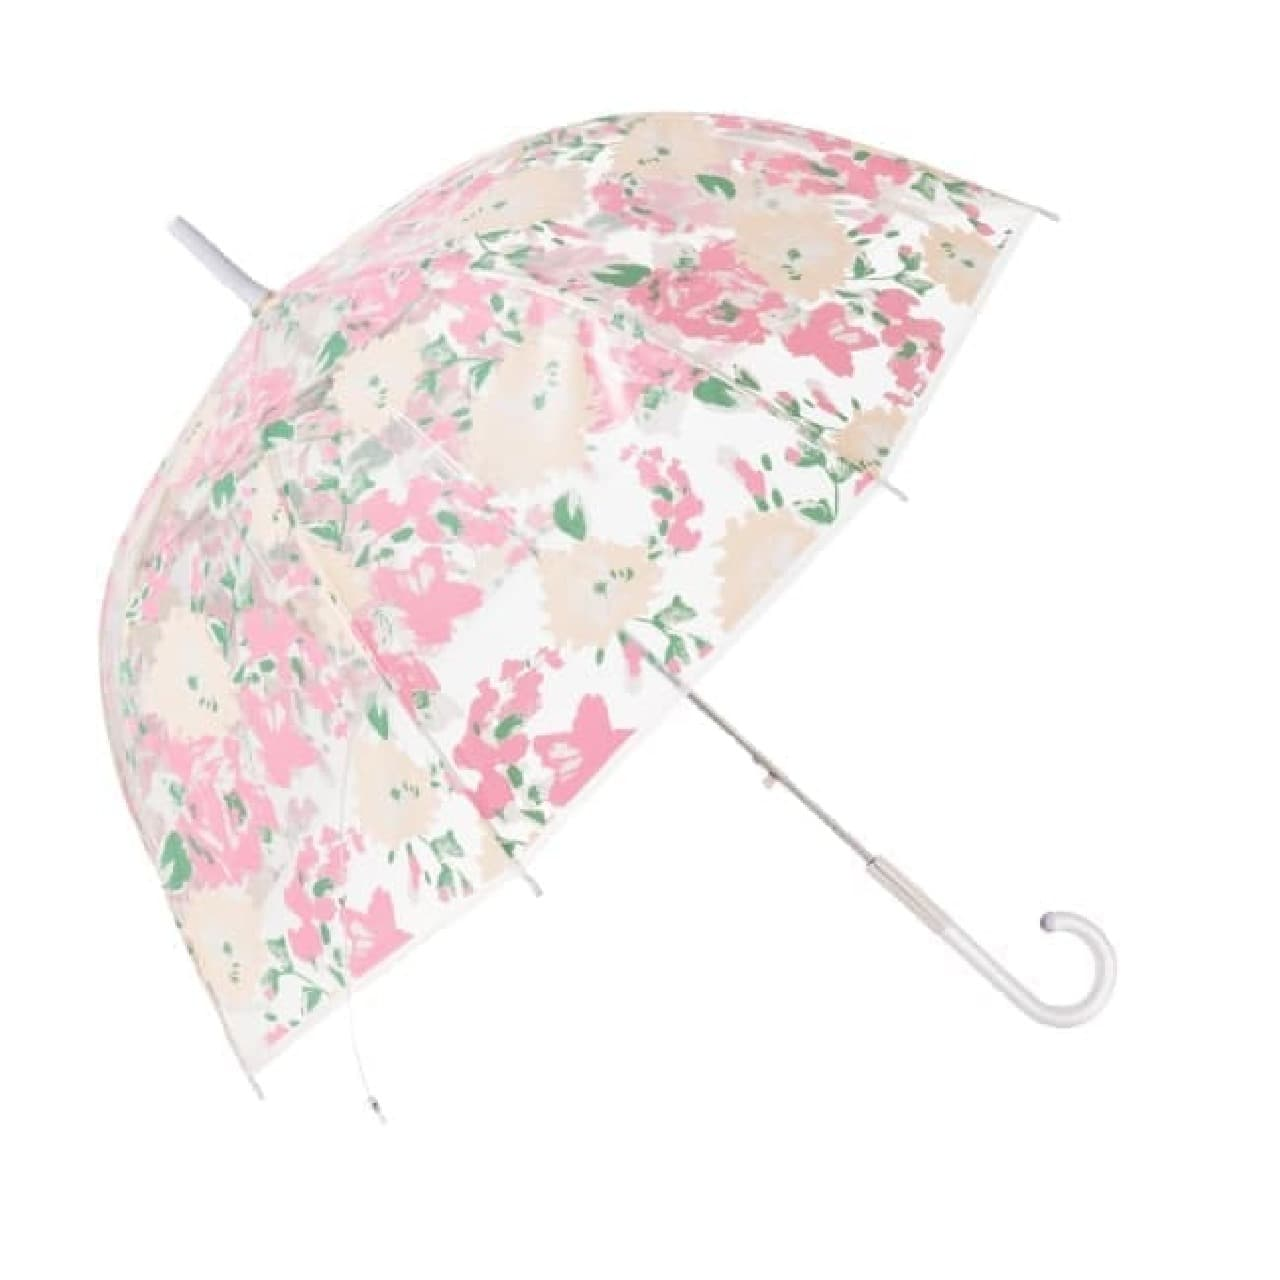 ビニール傘も可愛い!Francfrancの2020年新作レイングッズ -- 雨の日を彩るレインコートやバッグなど